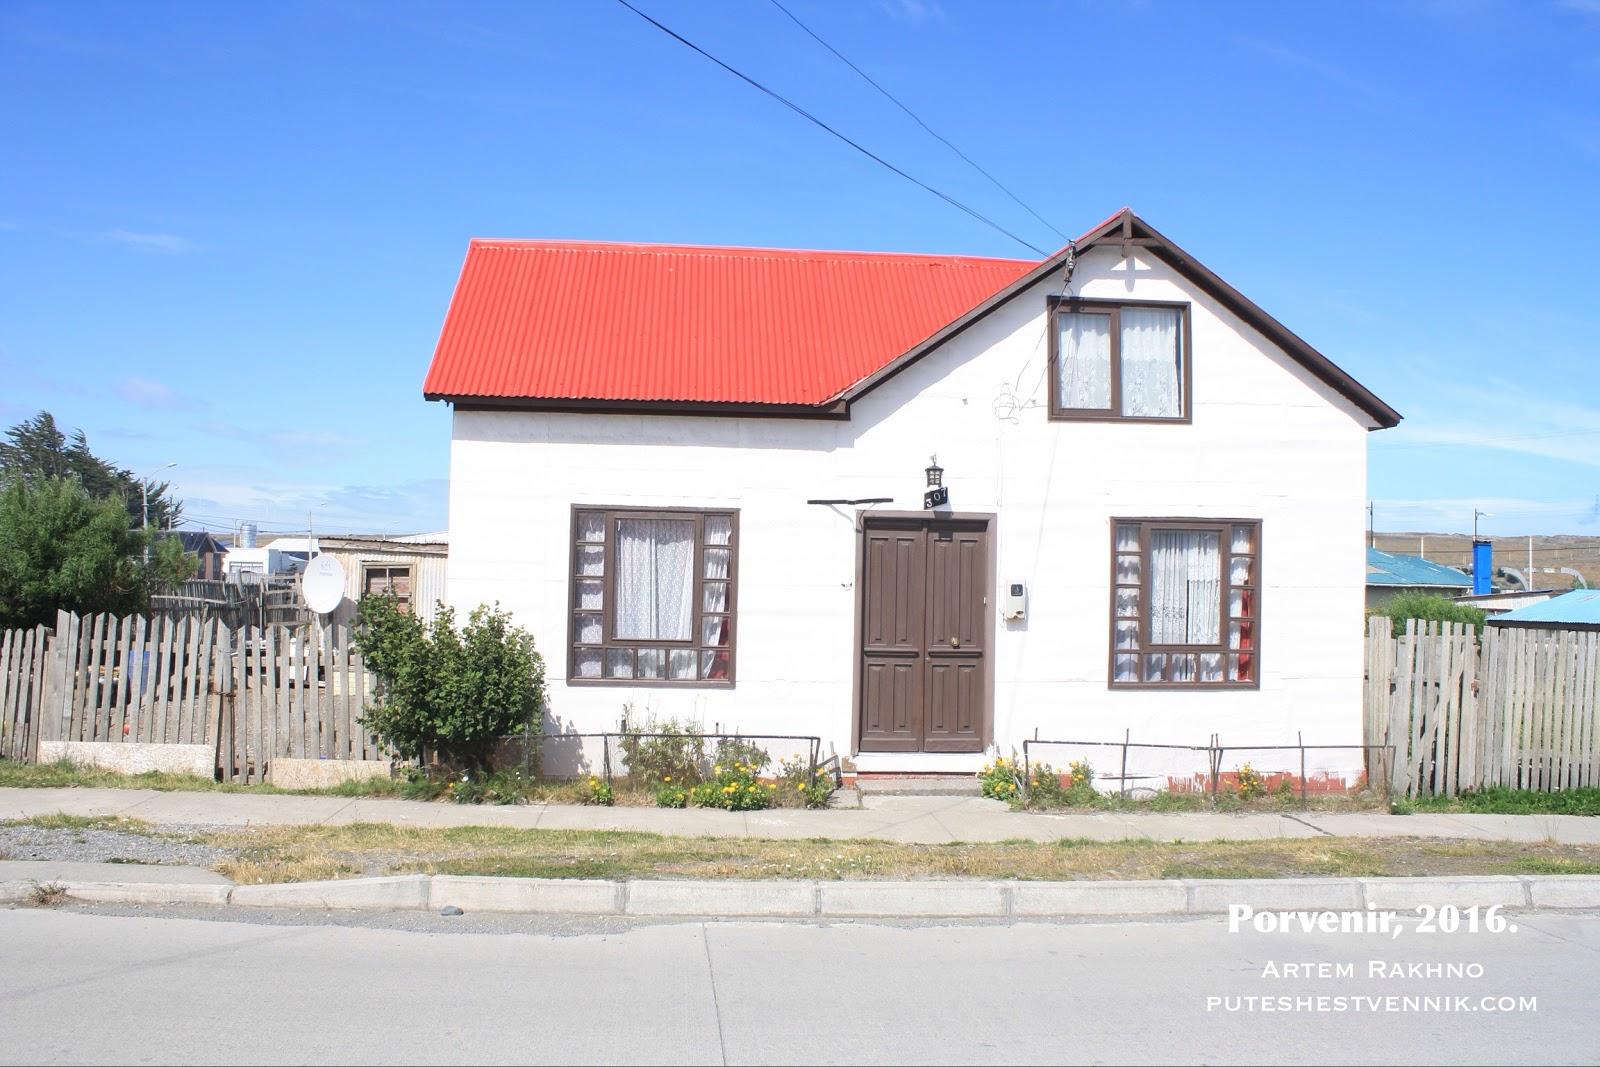 Дом с красной крышей в Порвенире